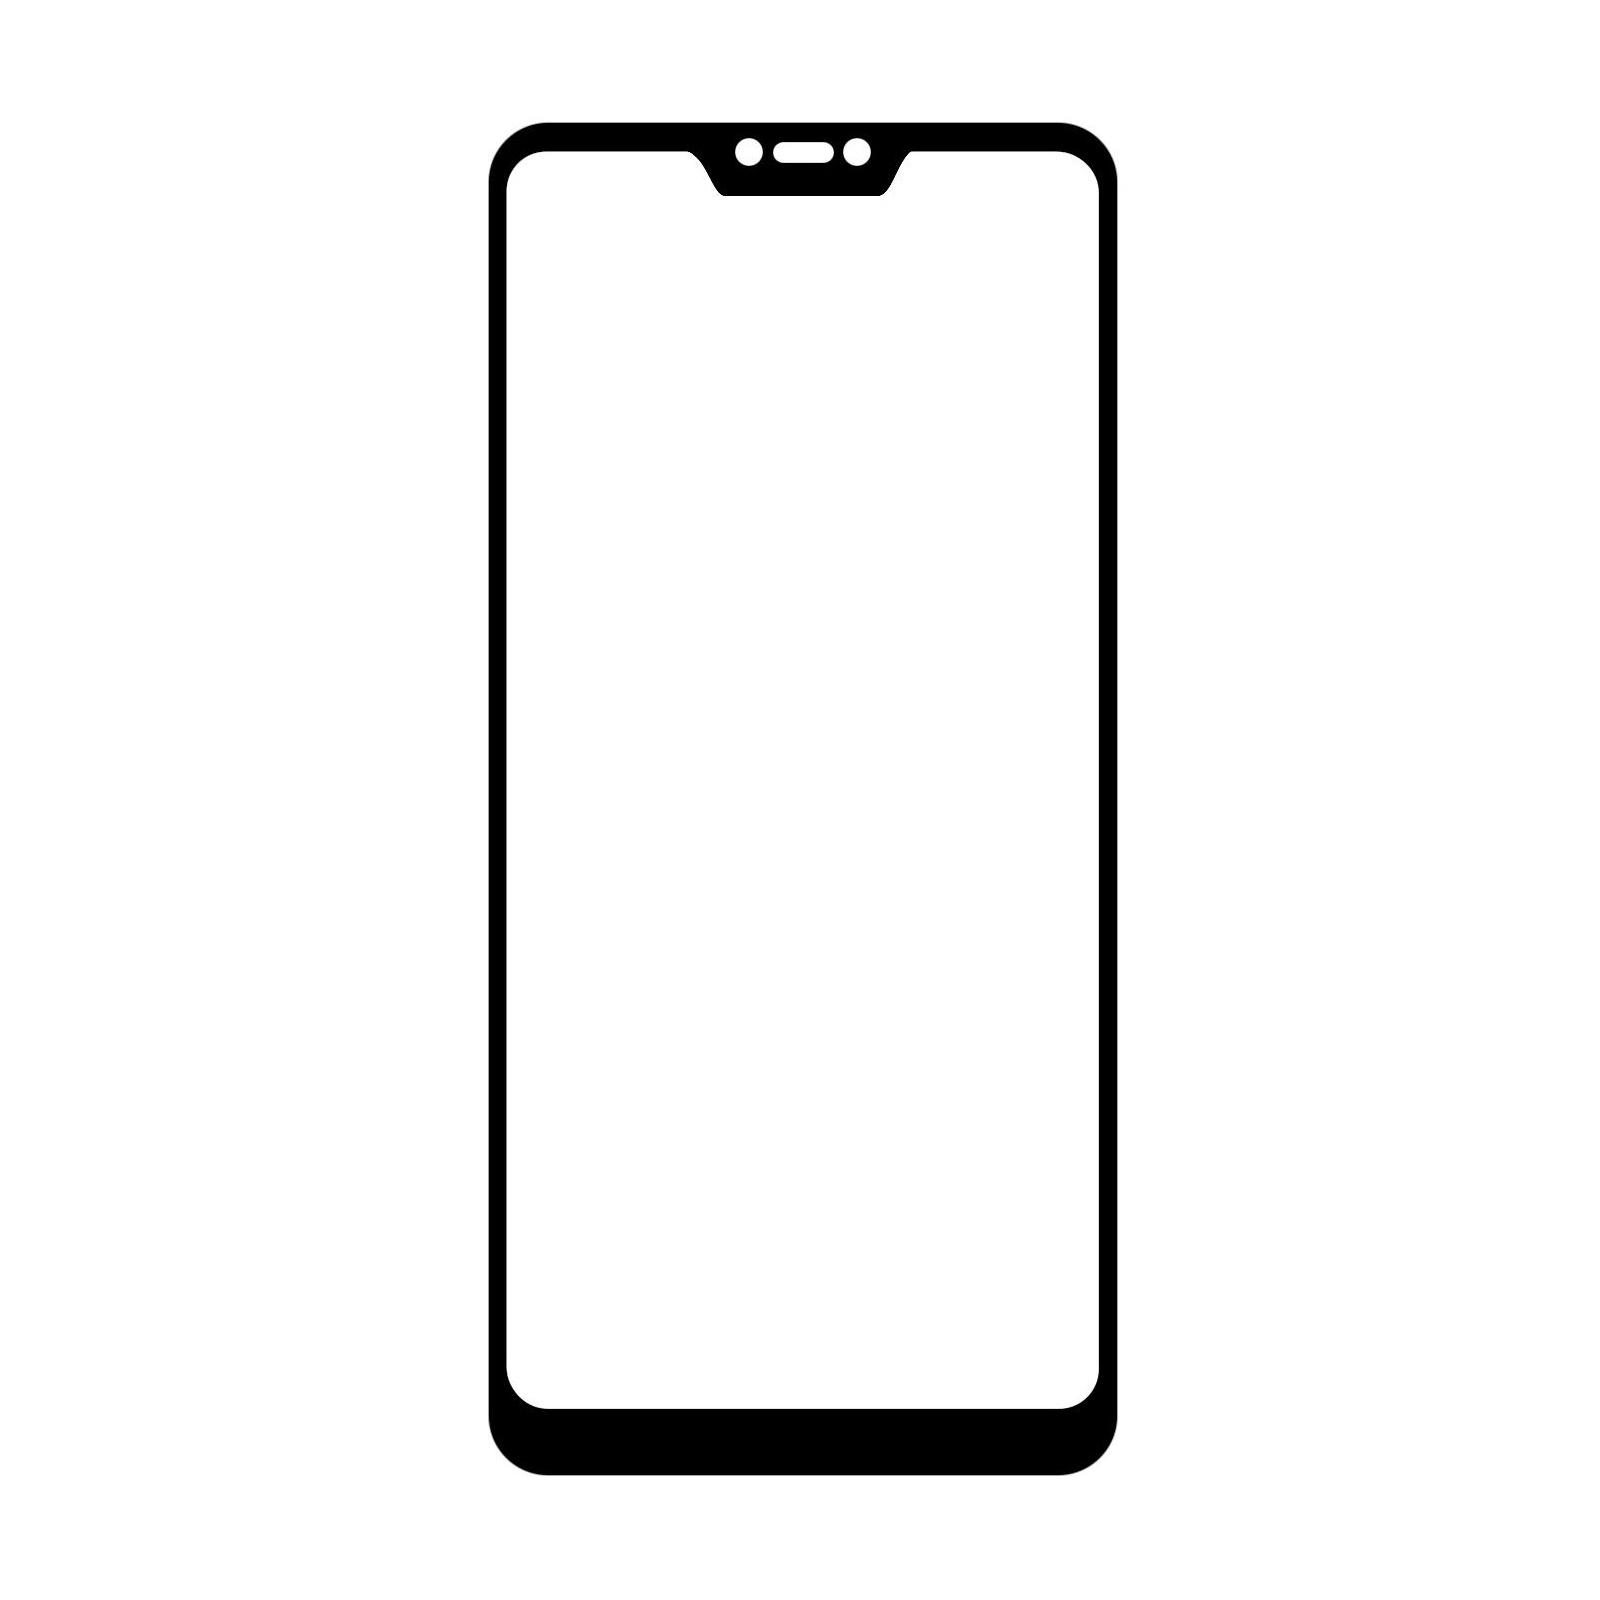 Стекло защитное MakeFuture для Xiaomi MiA2 Lite Black Full Cover Full Glue (MGFCFG-XMA2LB) изображение 2